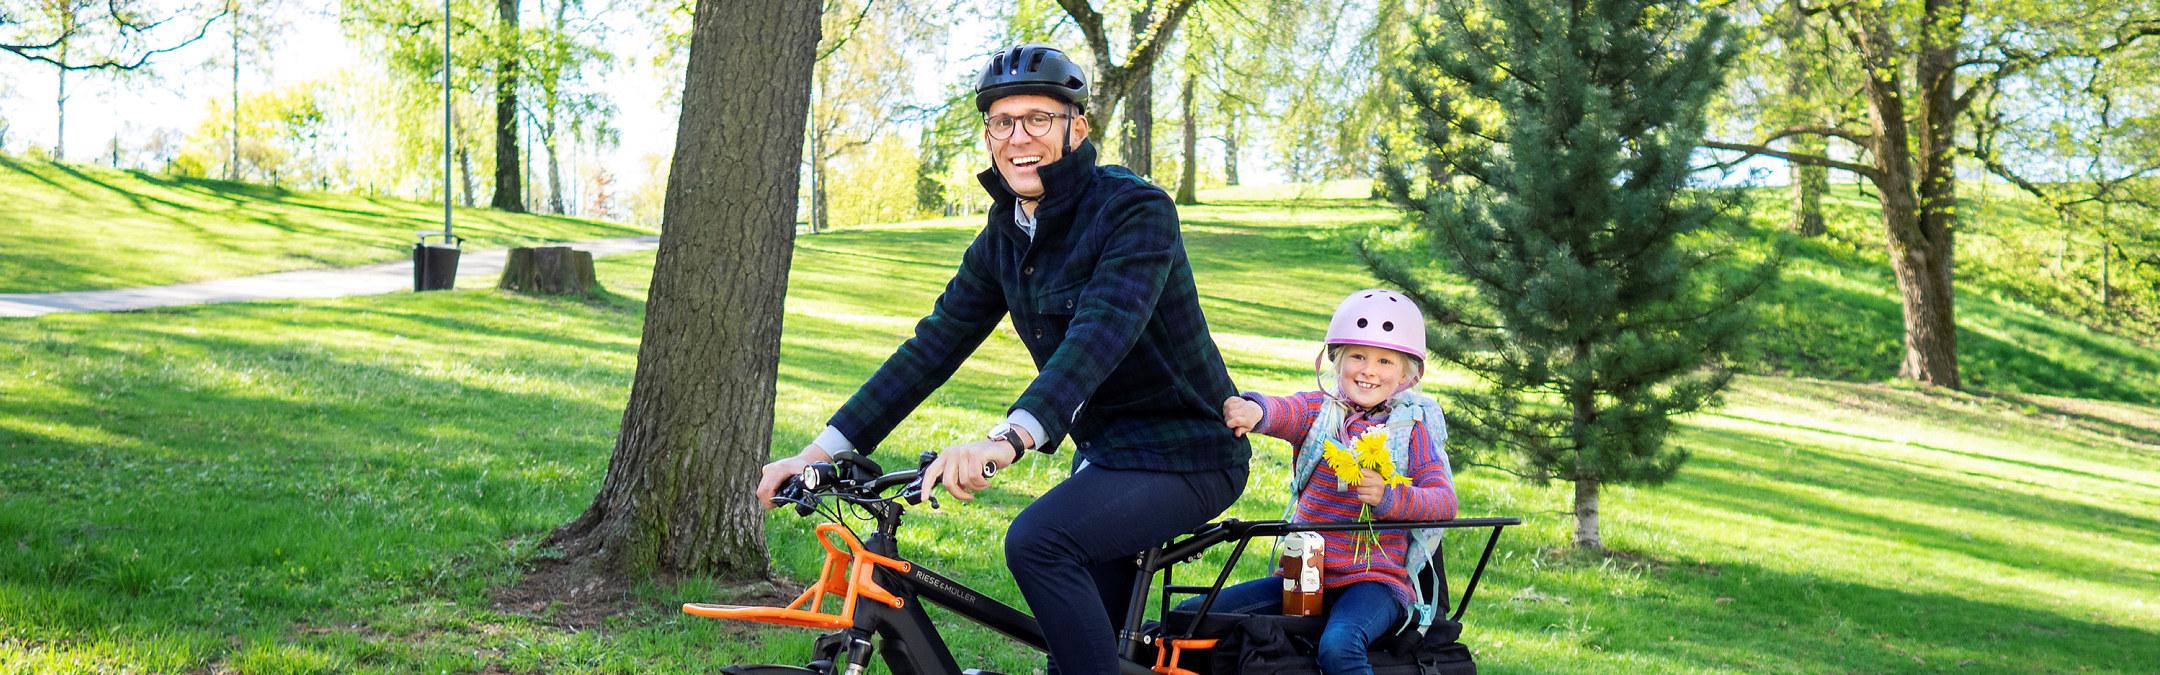 Foto: En mann sykler på en elsykkel med en jentunge som sitter bakpå